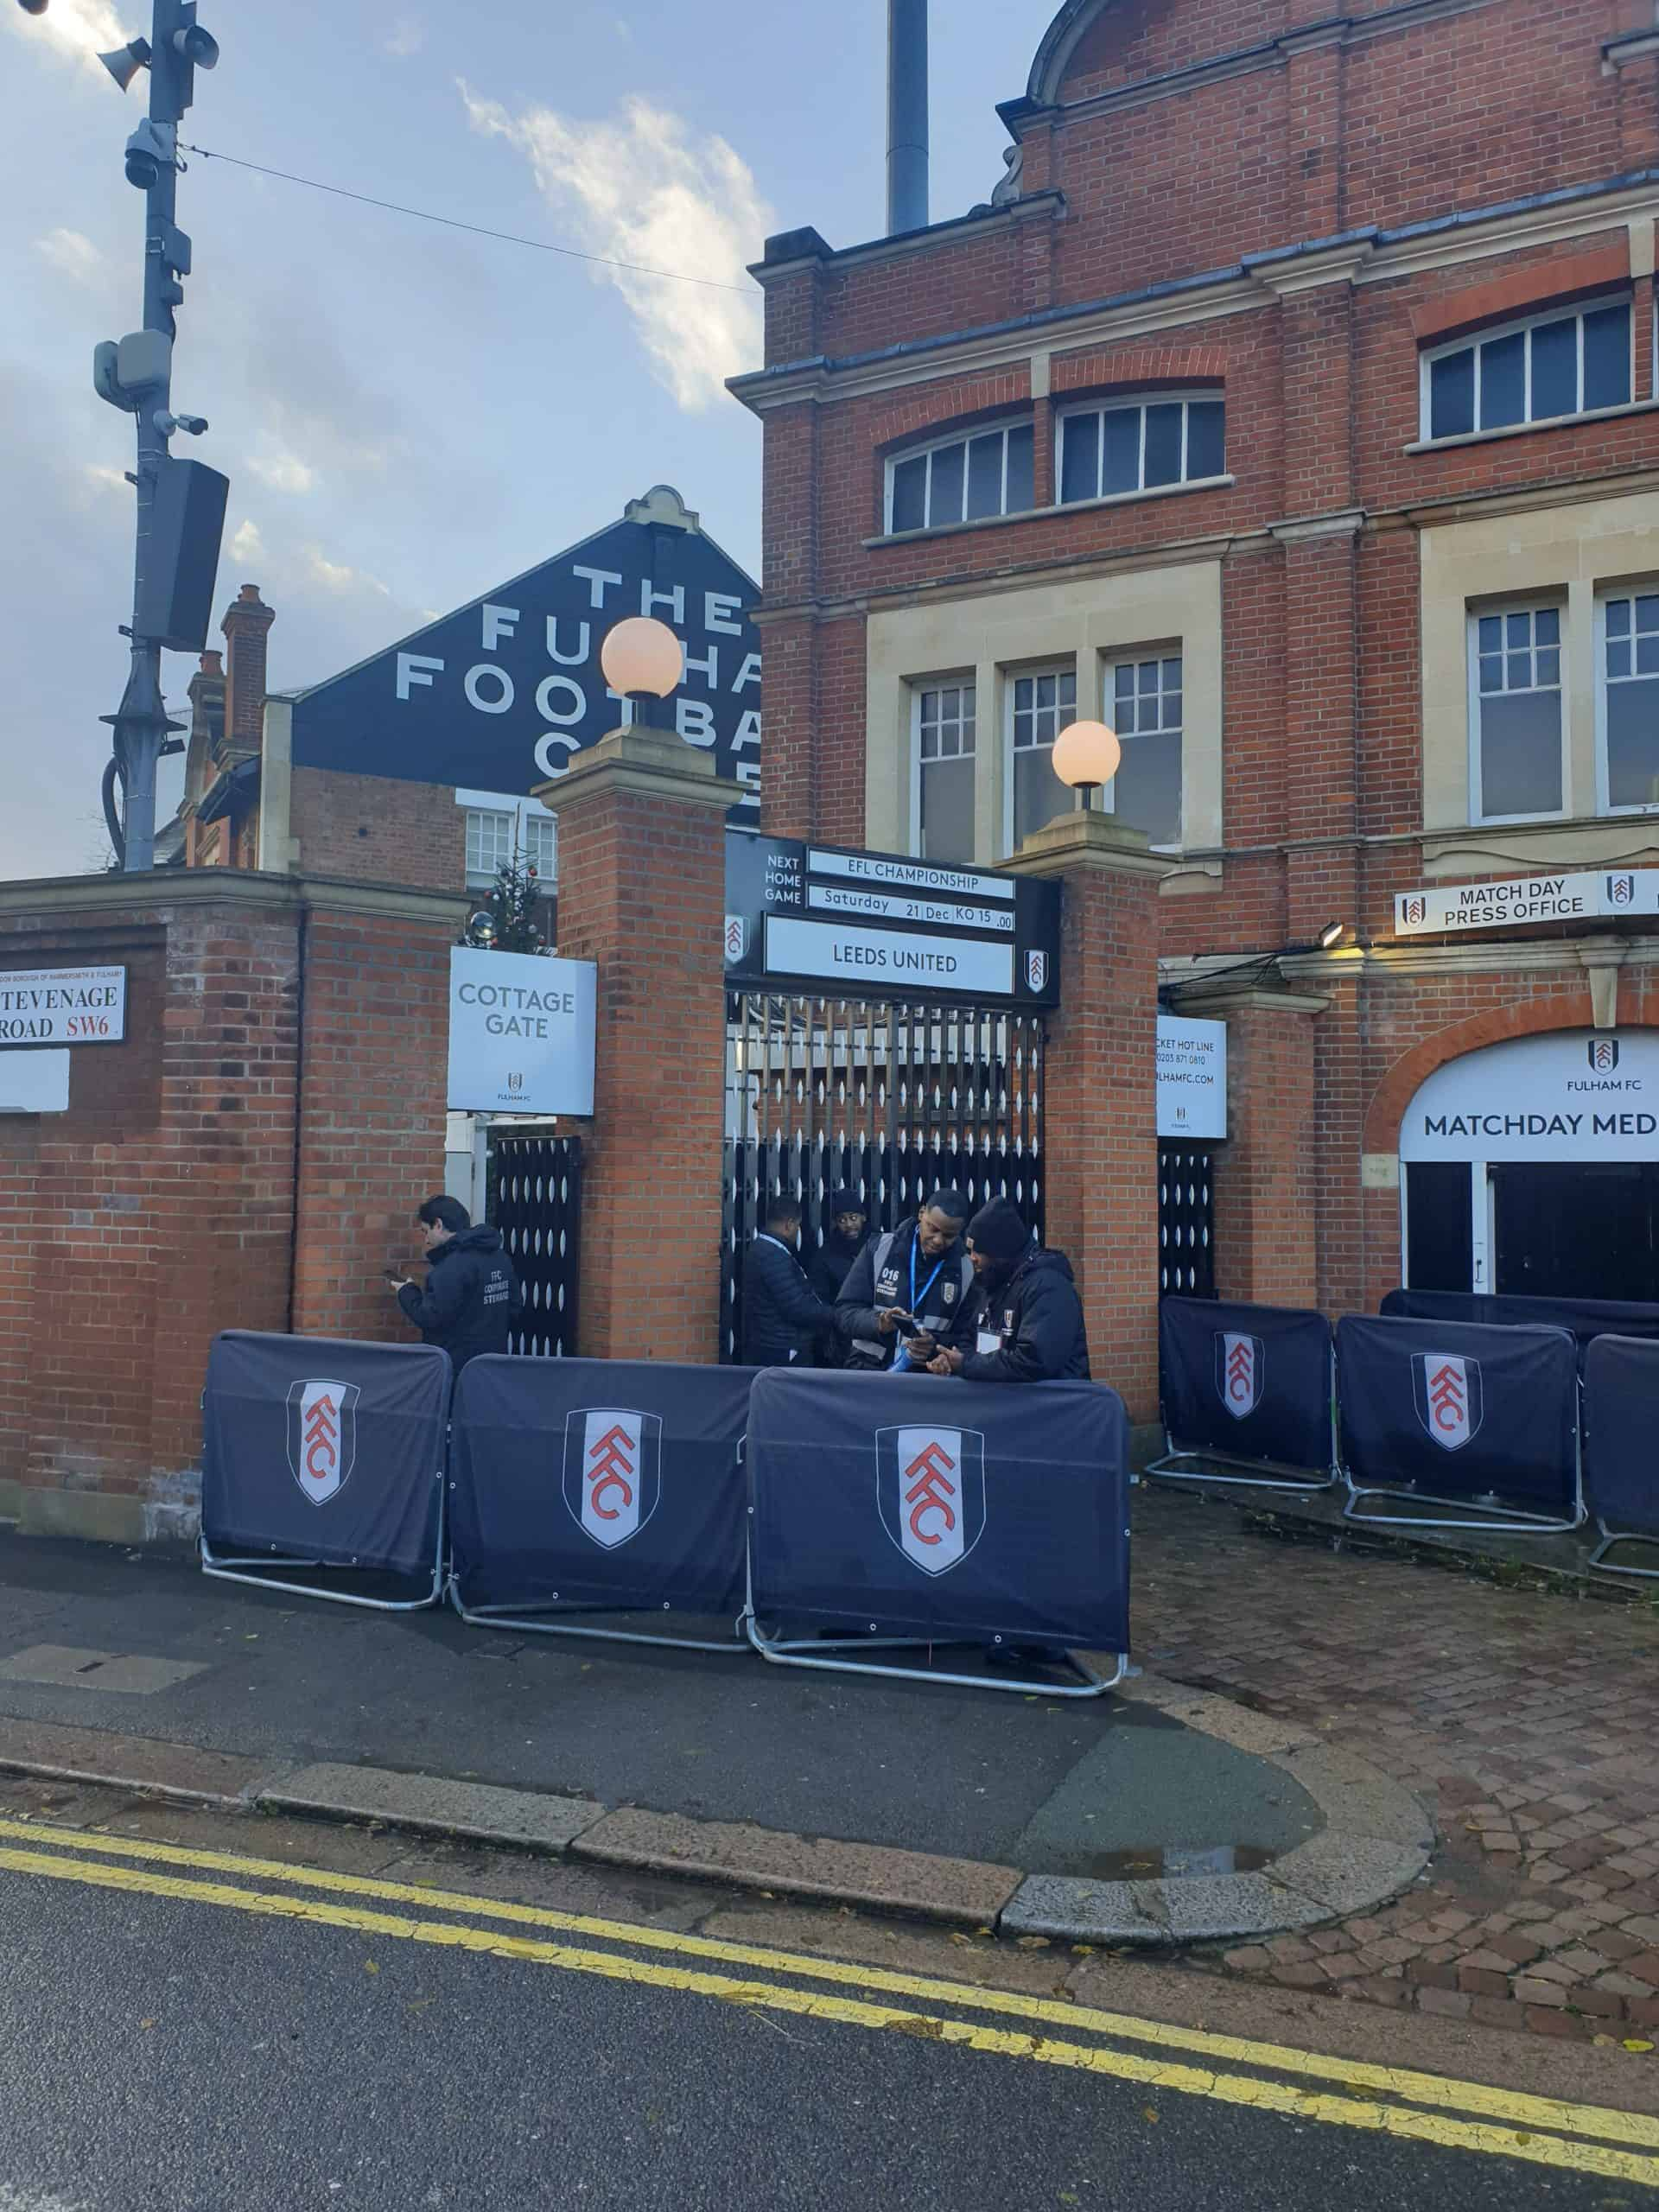 Craven Cottage Fodboldrejse London